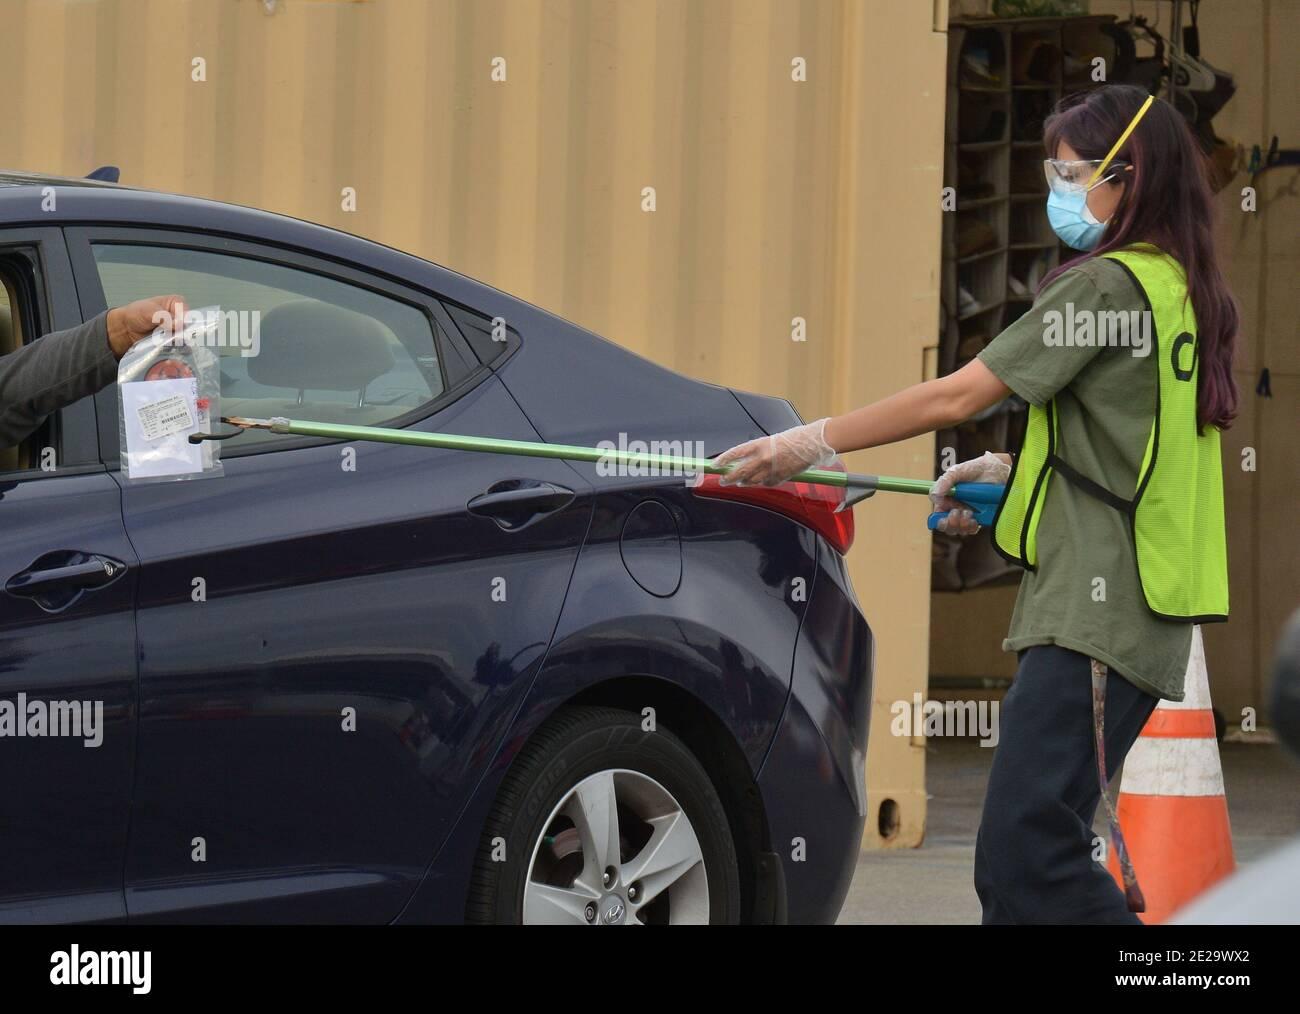 """Los Angeles, California, Stati Uniti. 13 gennaio 2021. Los Angeles, Stati Uniti. 13 gennaio 2021. I residenti depositano il loro test curativo del coronavirus in un ricettacolo presso il sito di test della diga di Hansen a Los Angeles martedì 12 gennaio 2021. I funzionari sanitari della contea di Los Angeles hanno dichiarato che domenica smetteranno di fornire il test del coronavirus comunemente utilizzato dopo che le autorità federali hanno sollevato domande sulla sua accuratezza, affermando che il test effettuato da Curative comporta un """"rischio di risultati falsi, in particolare risultati falsi negativi"""". Photo by Jim Ruymen/UPI Credit: UPI/Alamy Live News Credit: UPI/Alamy Live News Foto Stock"""